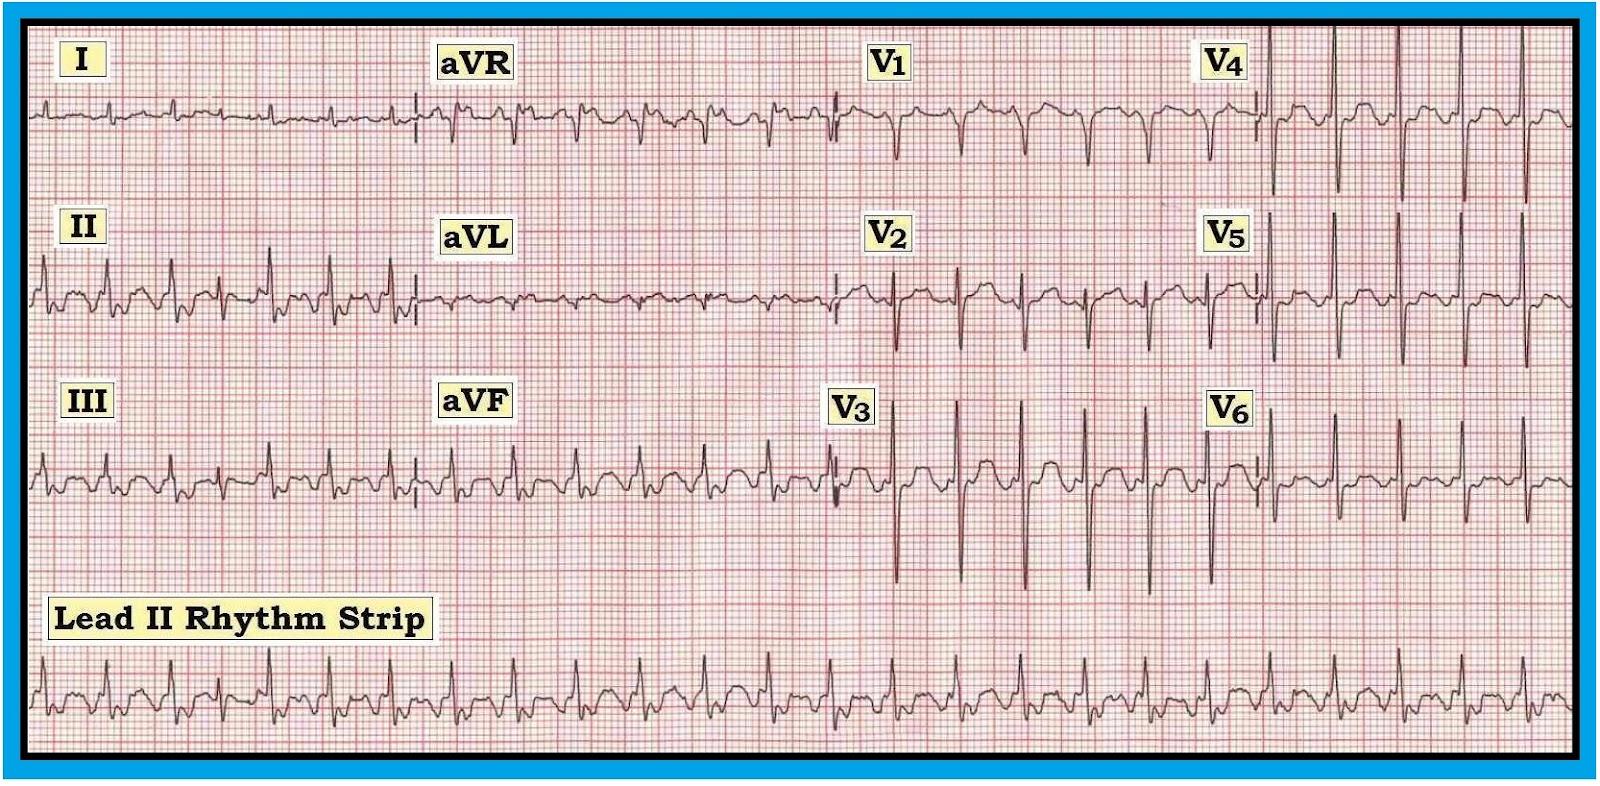 Ecg Interpretation Ecg Interpretation Review 40 Regular Svt List 1 Flutter Psvt Sinus Tachycardia Vagal Maneuver